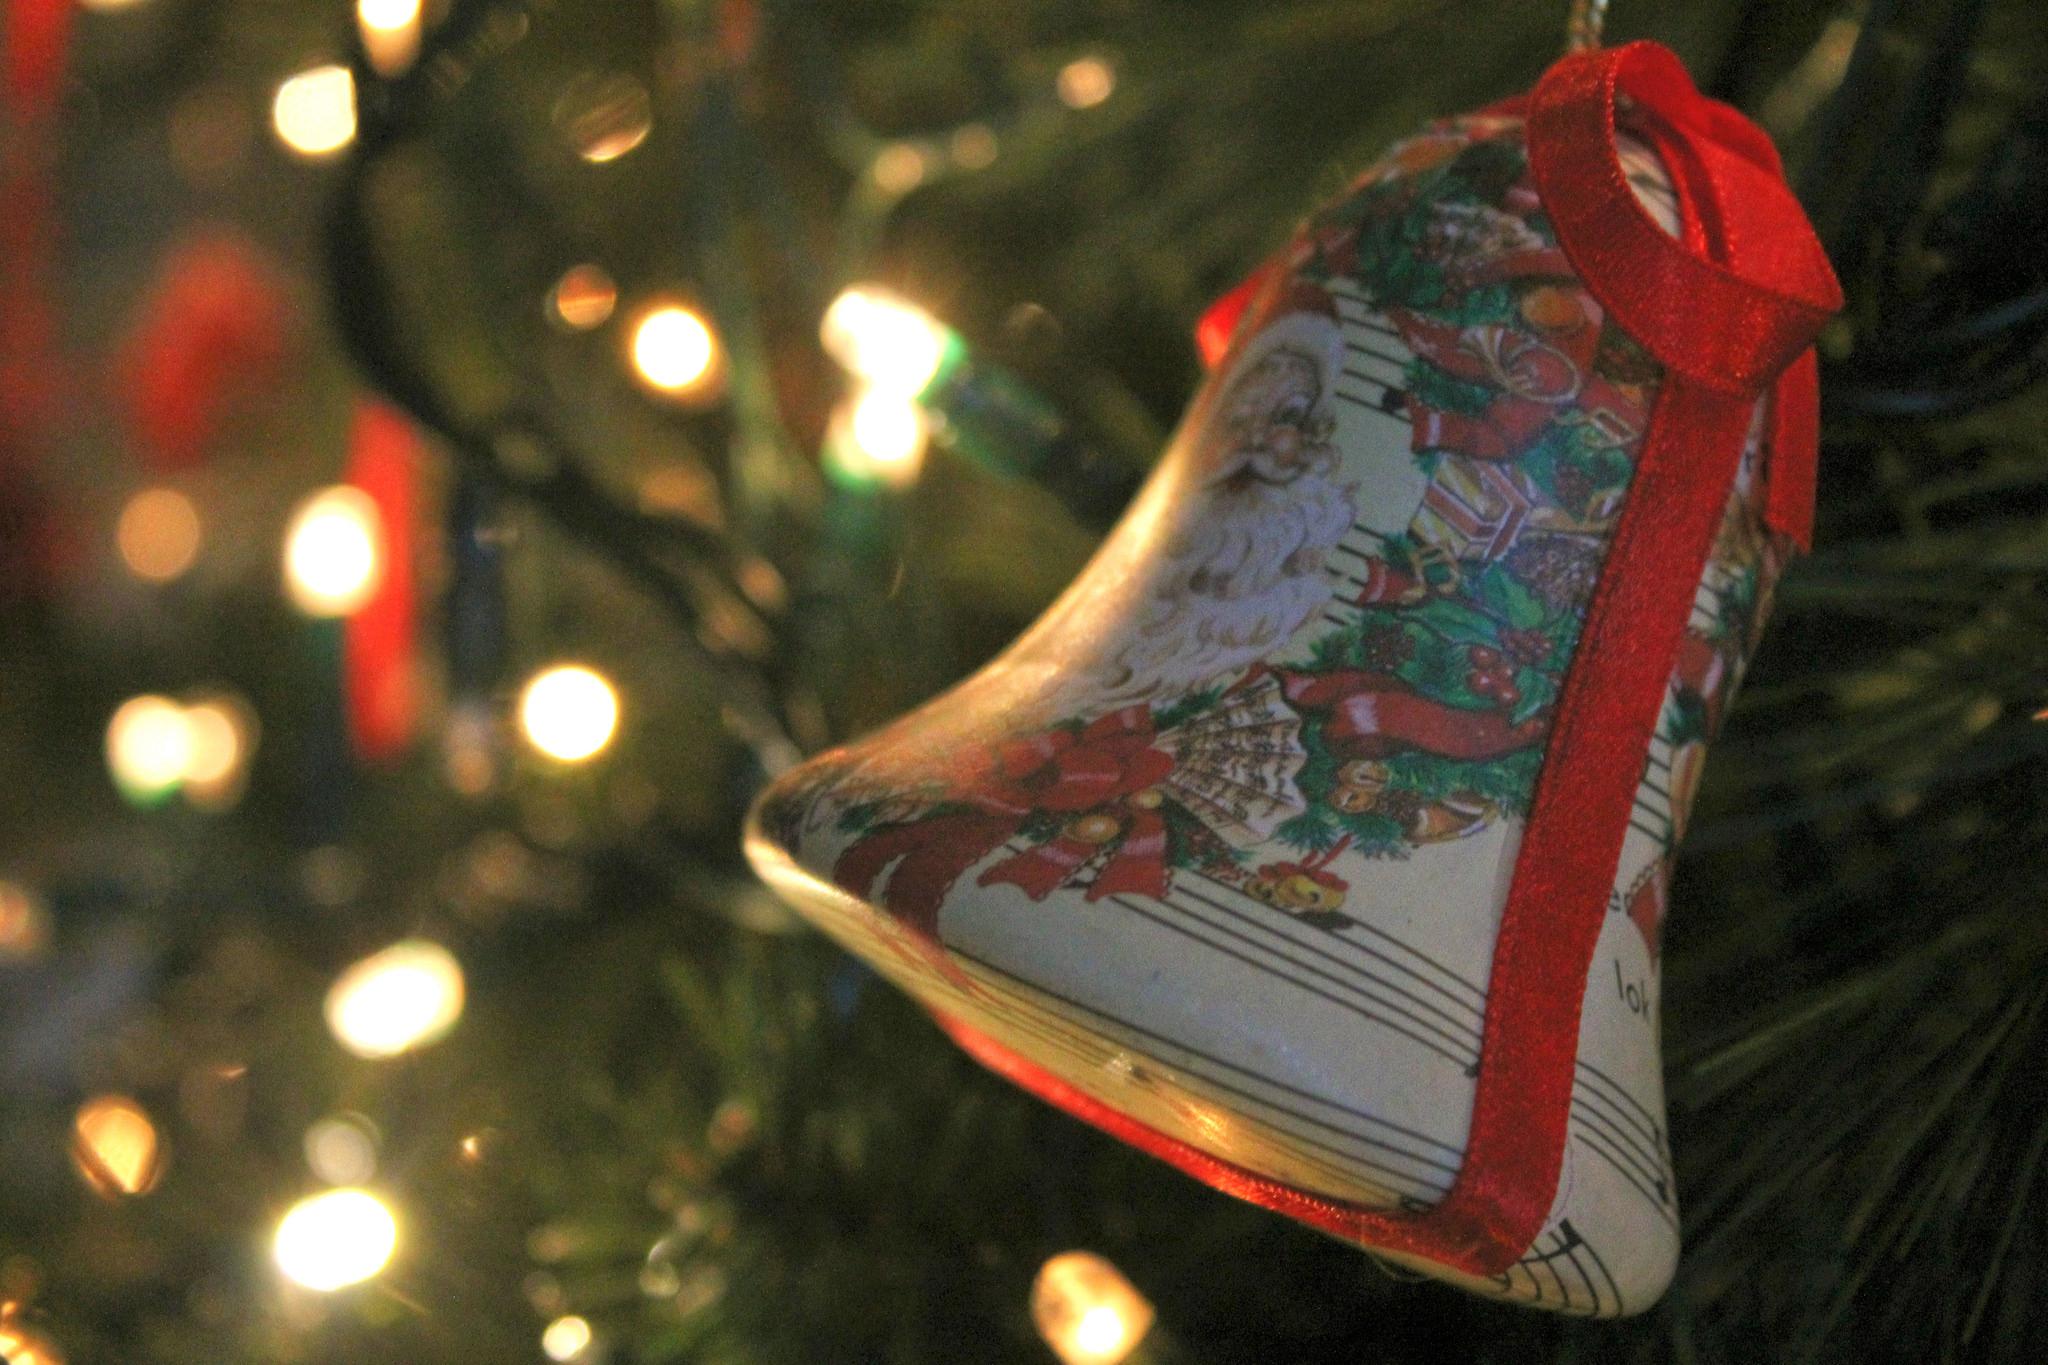 Гадание на картах таро на рождество 6 7 января гадание на желания на картах таро